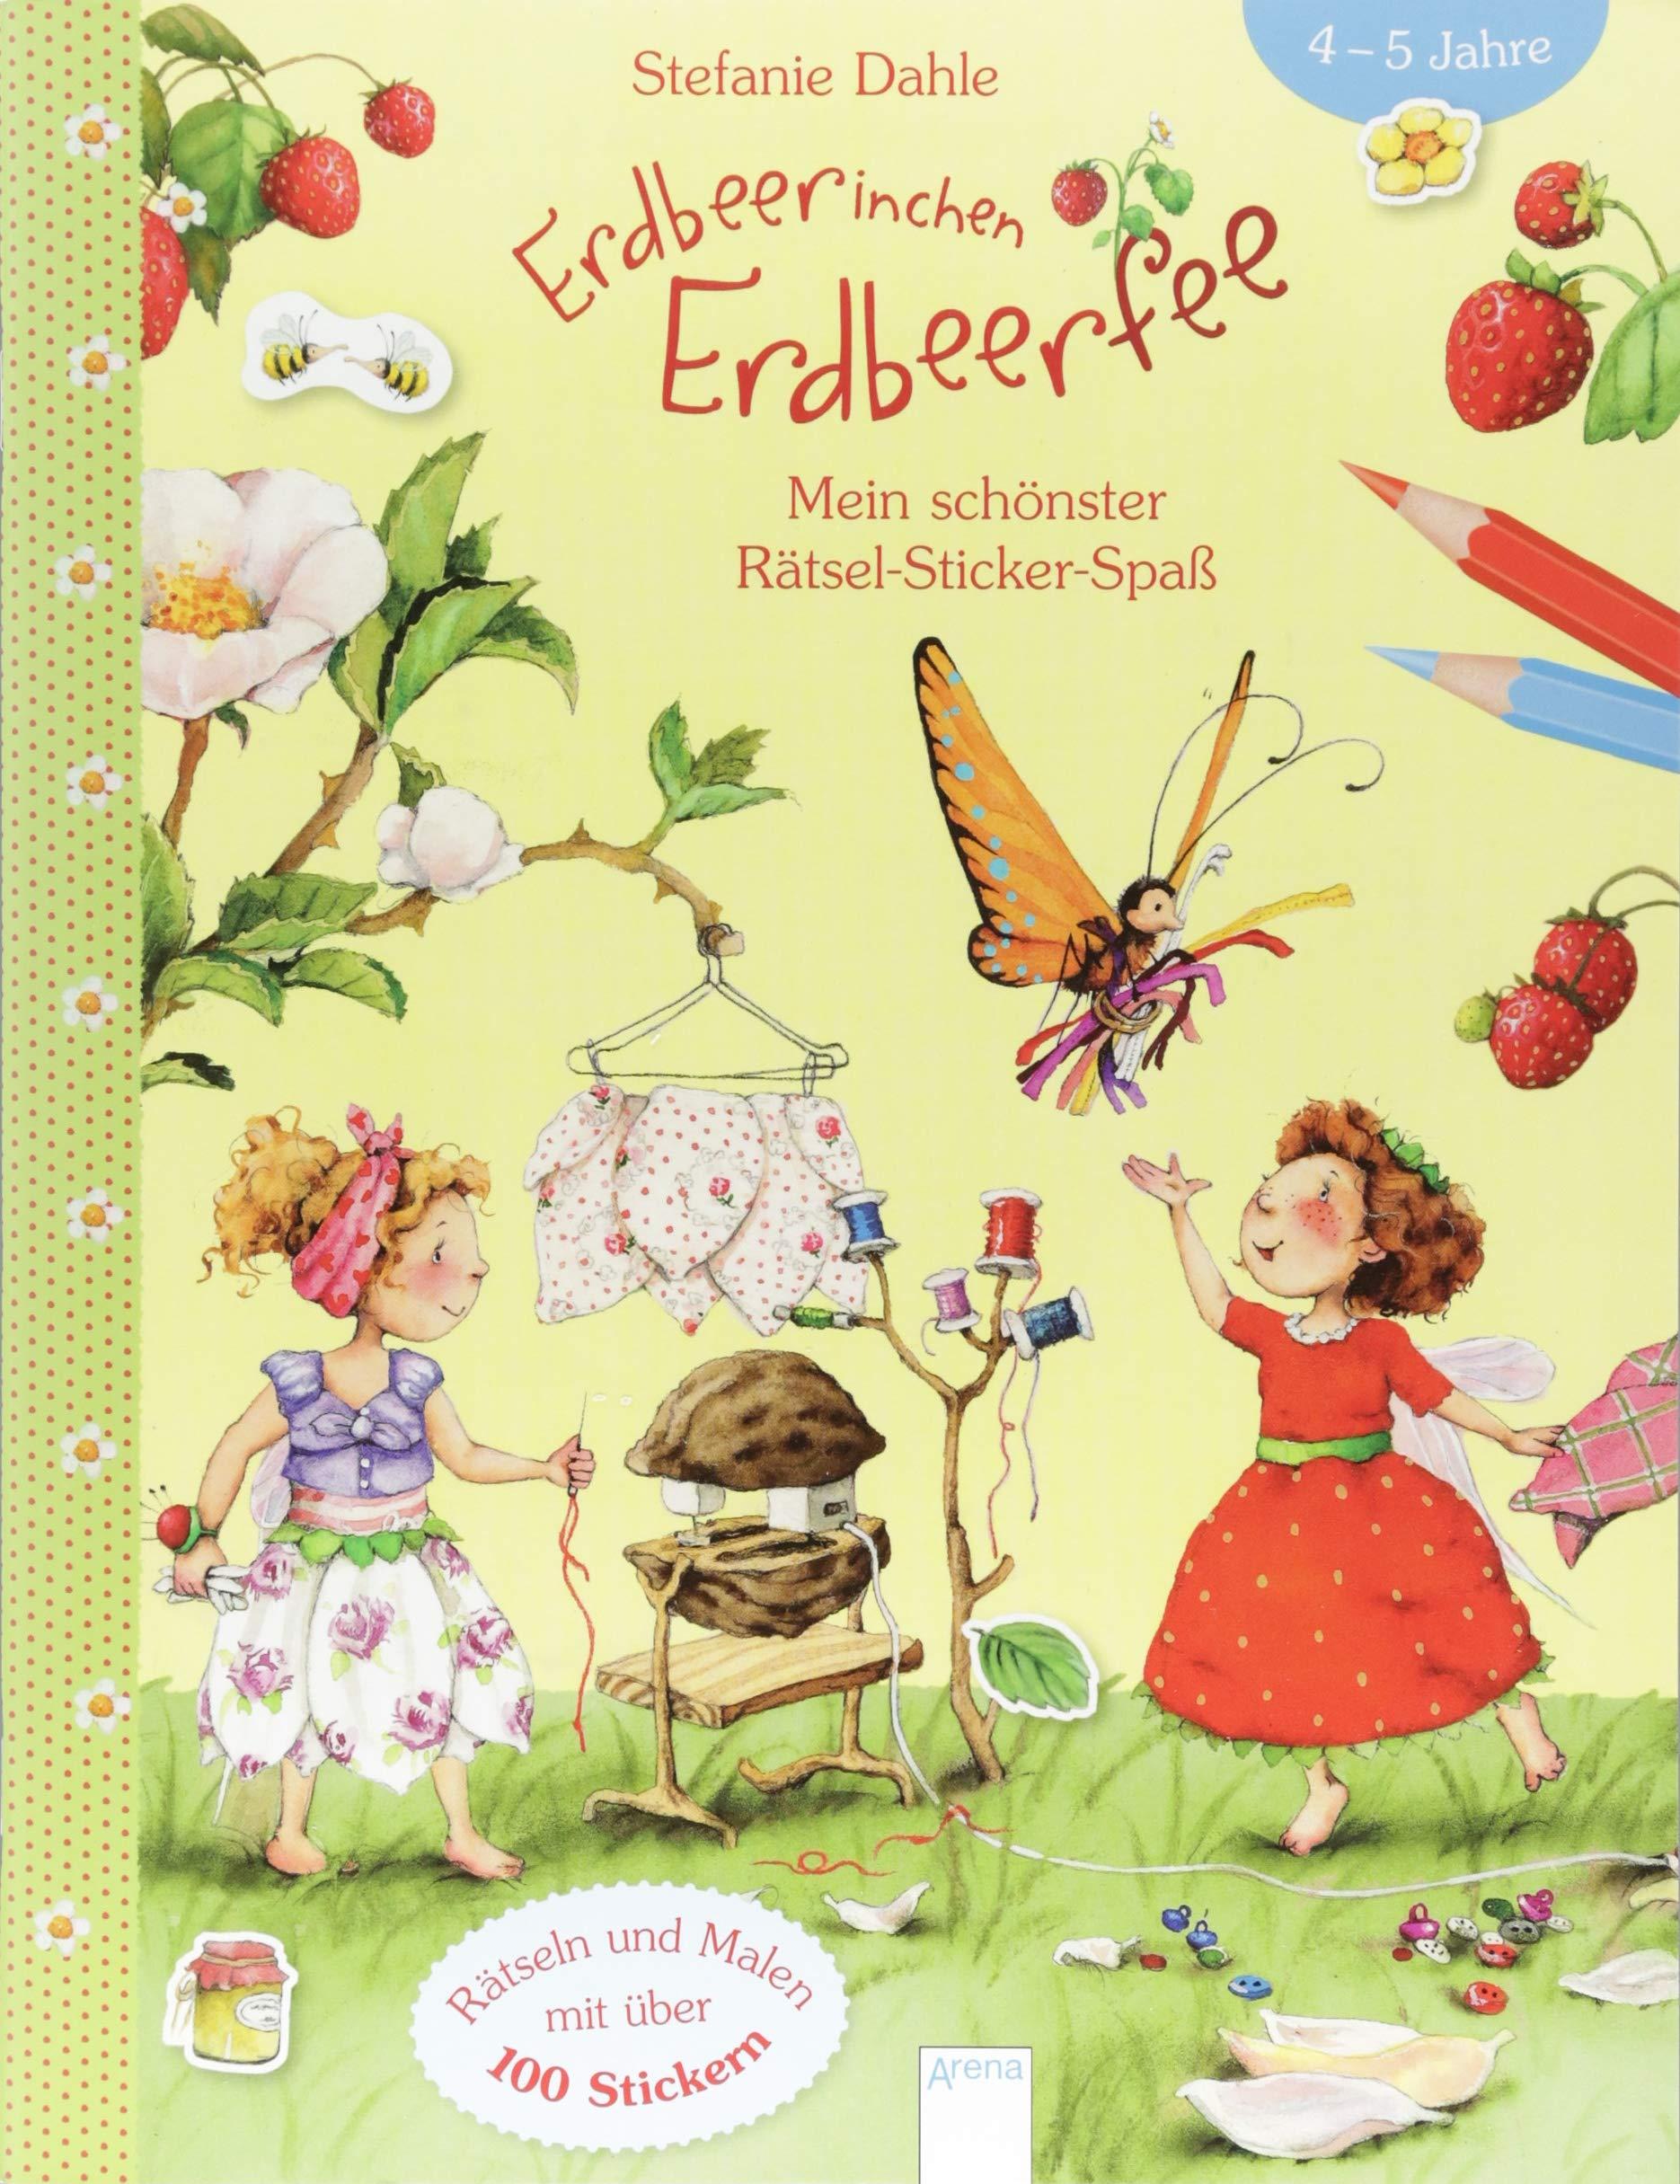 Erdbeerinchen Erdbeerfee. Mein schönster Rätsel-Sticker-Spaß